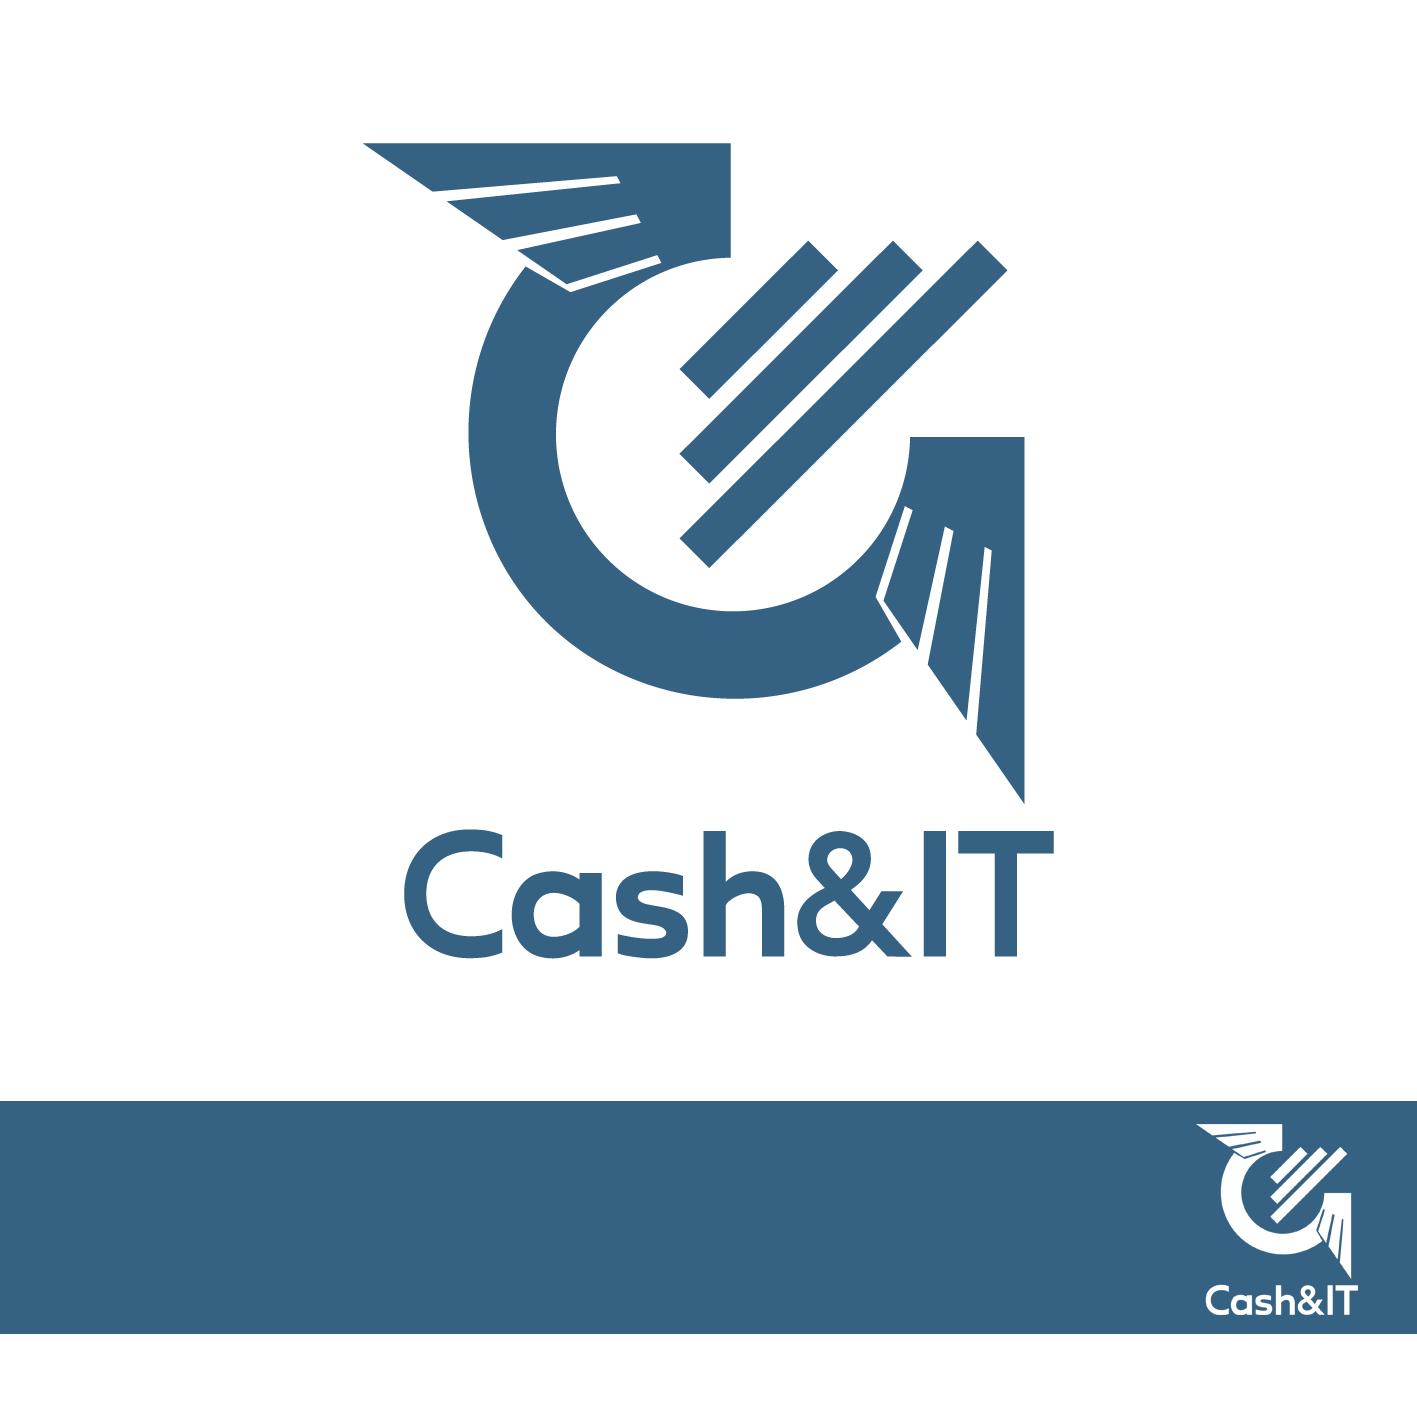 Логотип для Cash & IT - сервис доставки денег фото f_1845fd8b1c0ce326.png